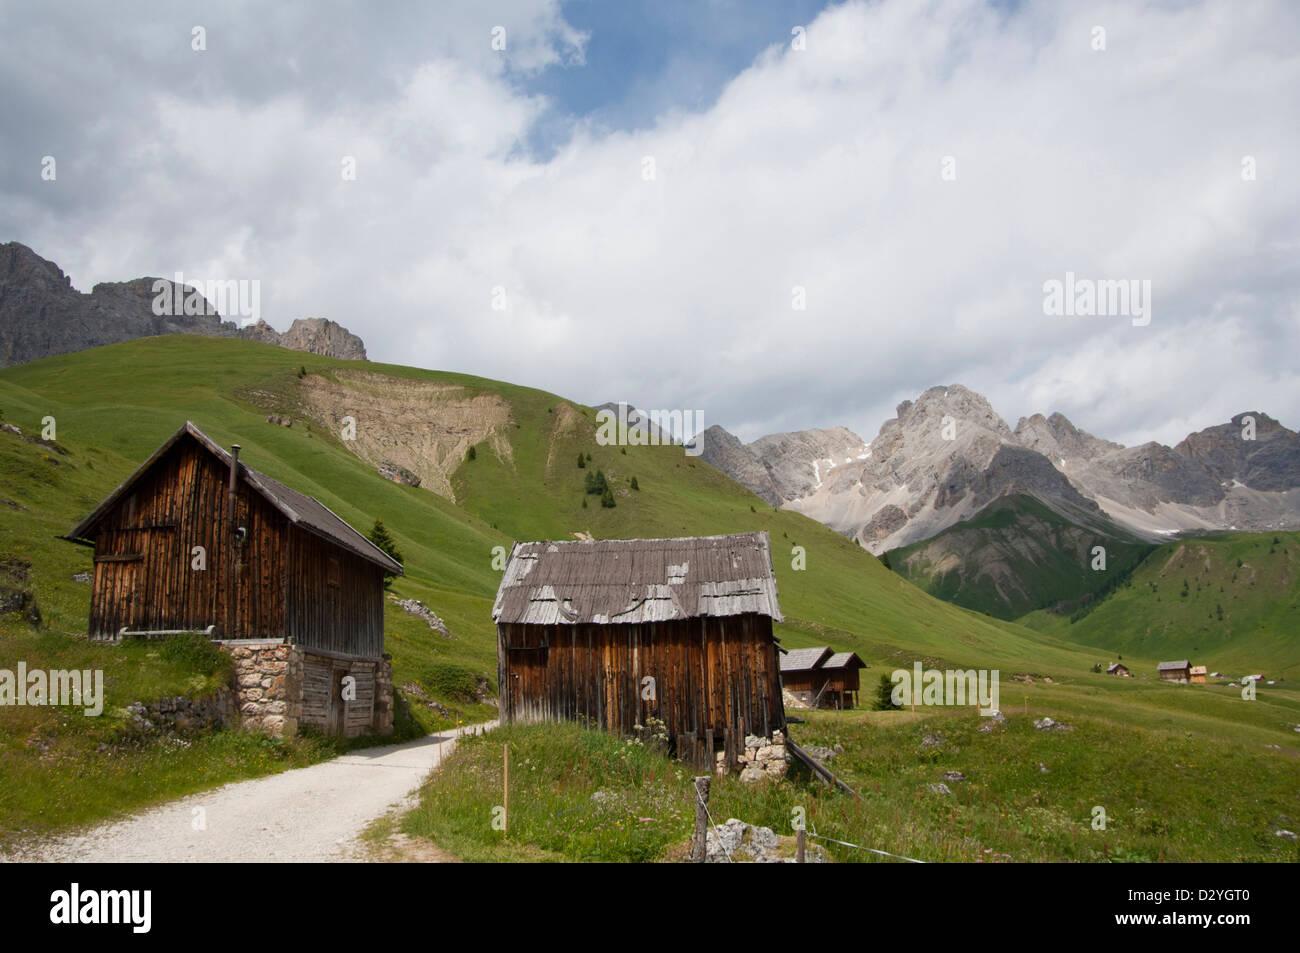 Typical mountain hut, typical historical mountain house, Marmolada on the background, Località Fuchiade, Soraga, Stock Photo